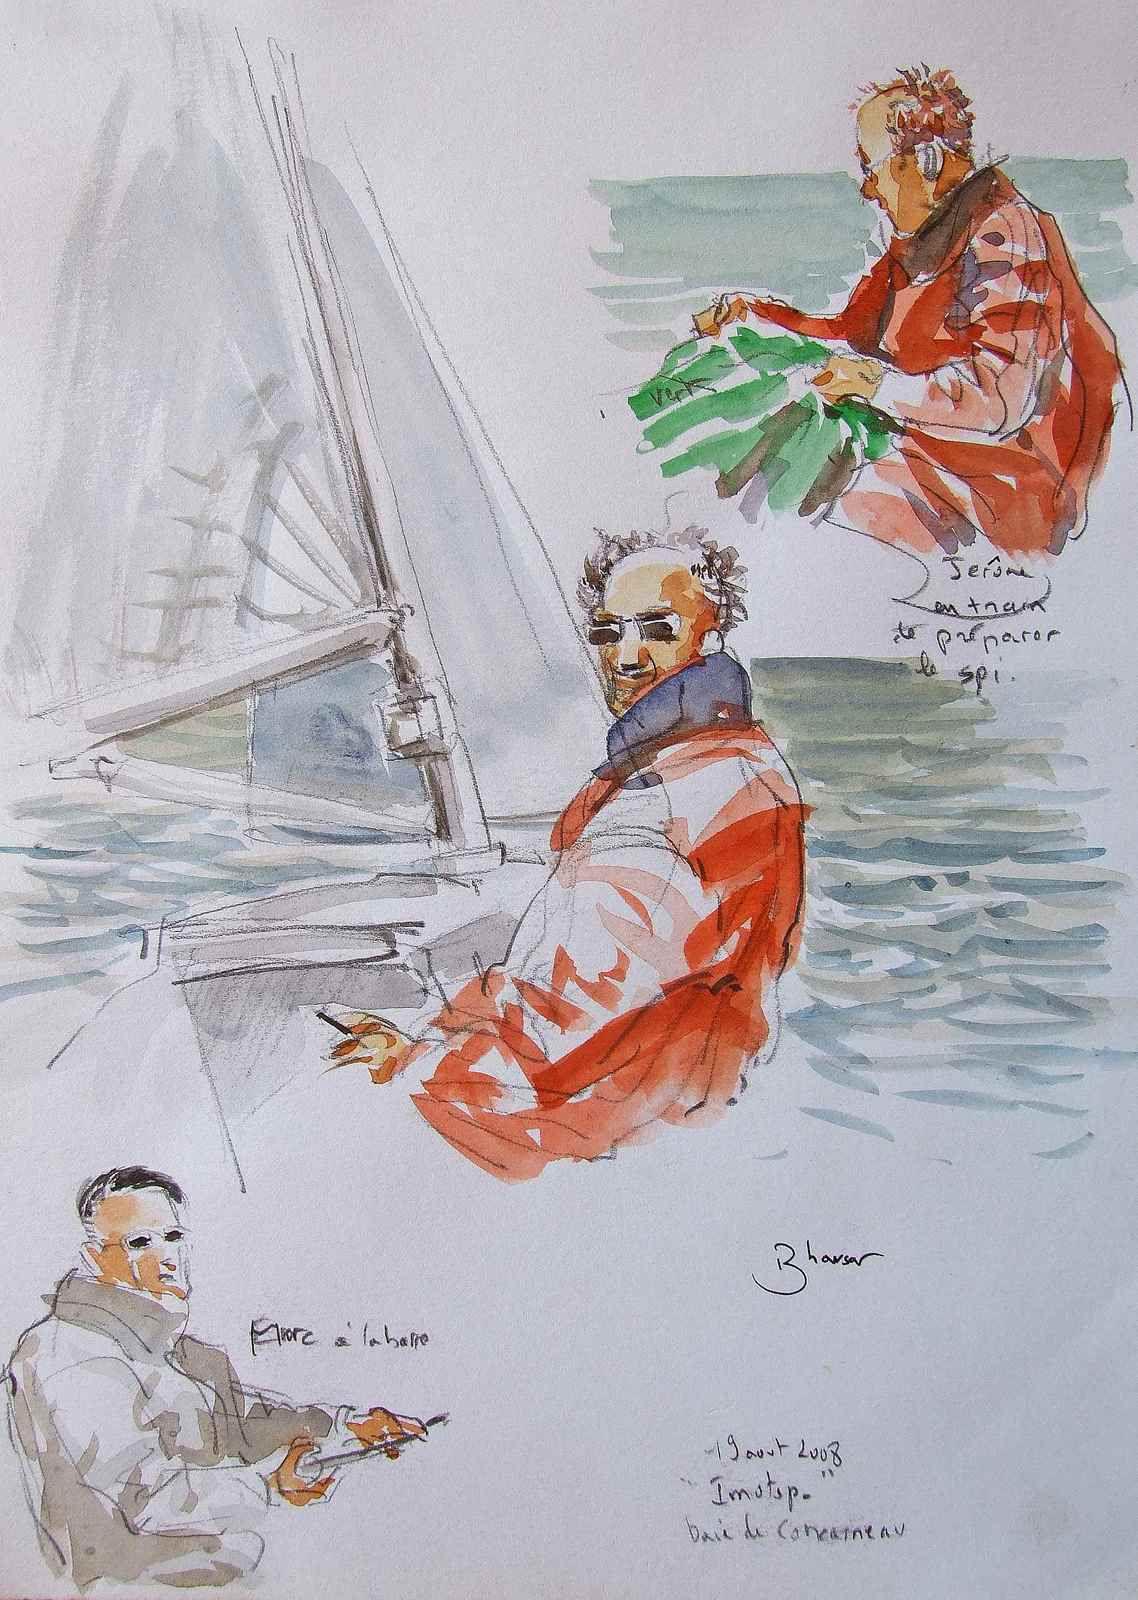 Bretagne sortie sur le bateau de Bernard  Crayon et aquarelle  21x29 août 2008 Bhavsar